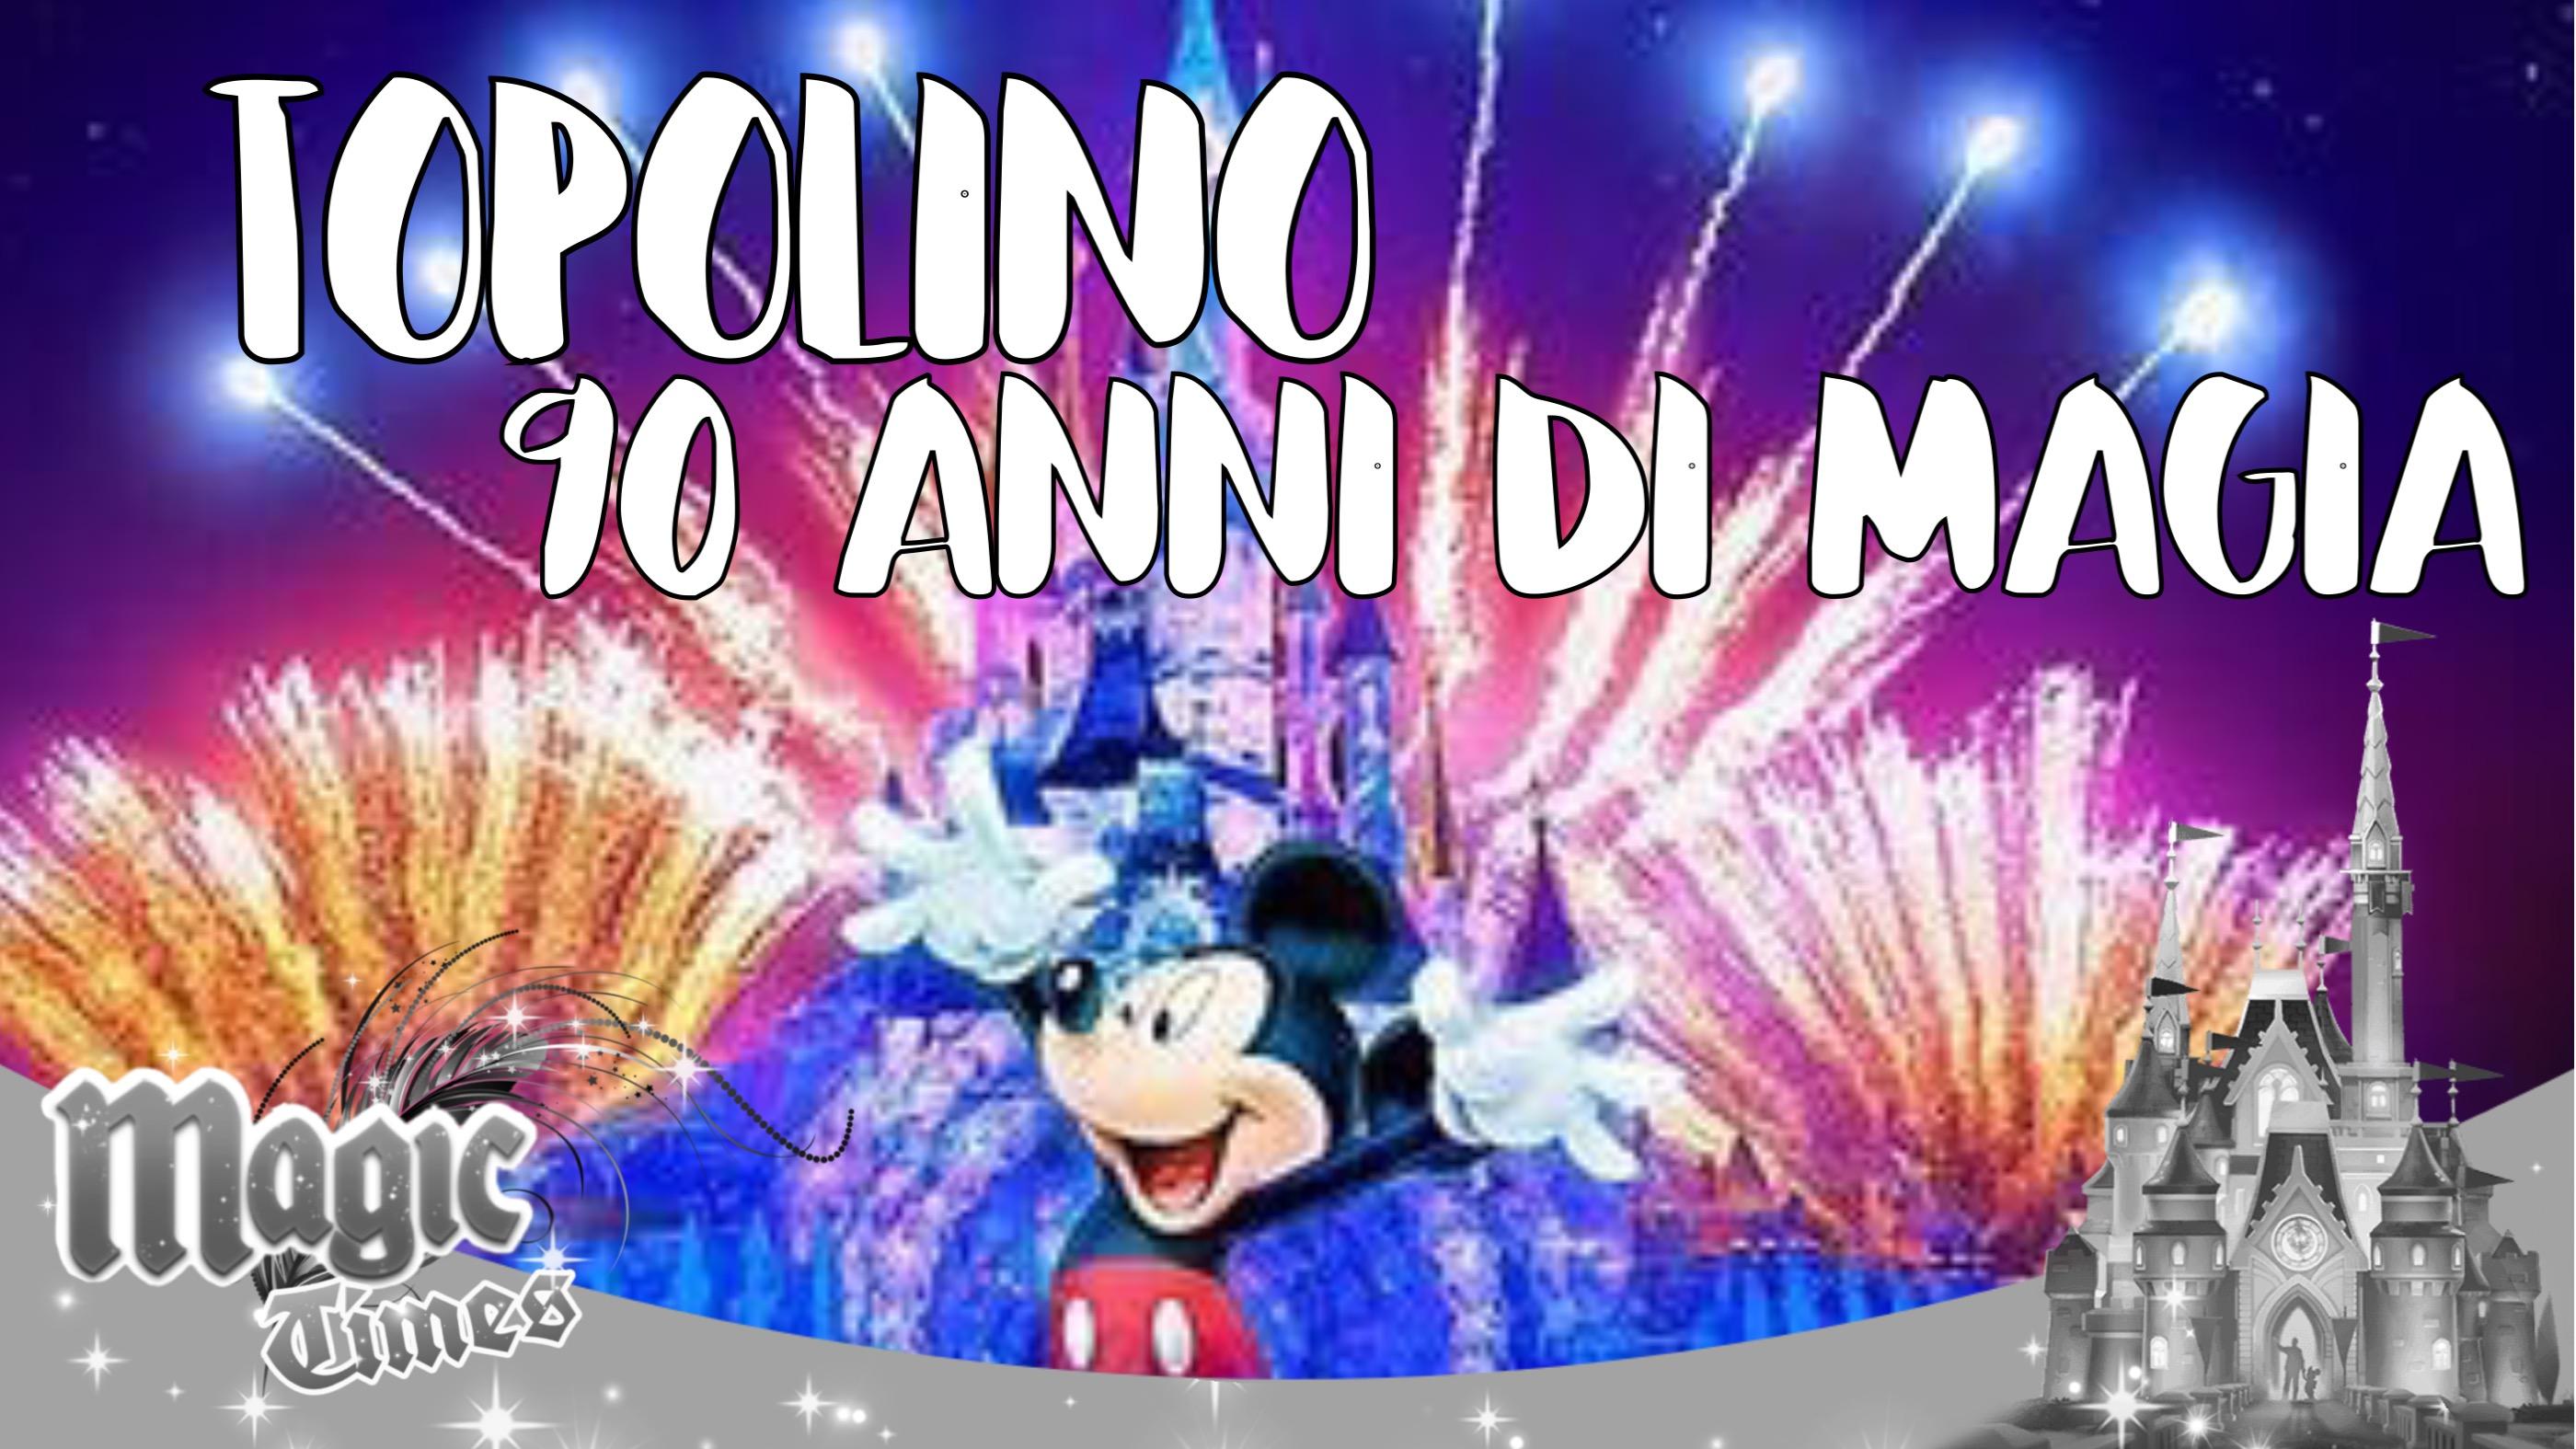 Topolino anni di magia disney magic kingdoms italia